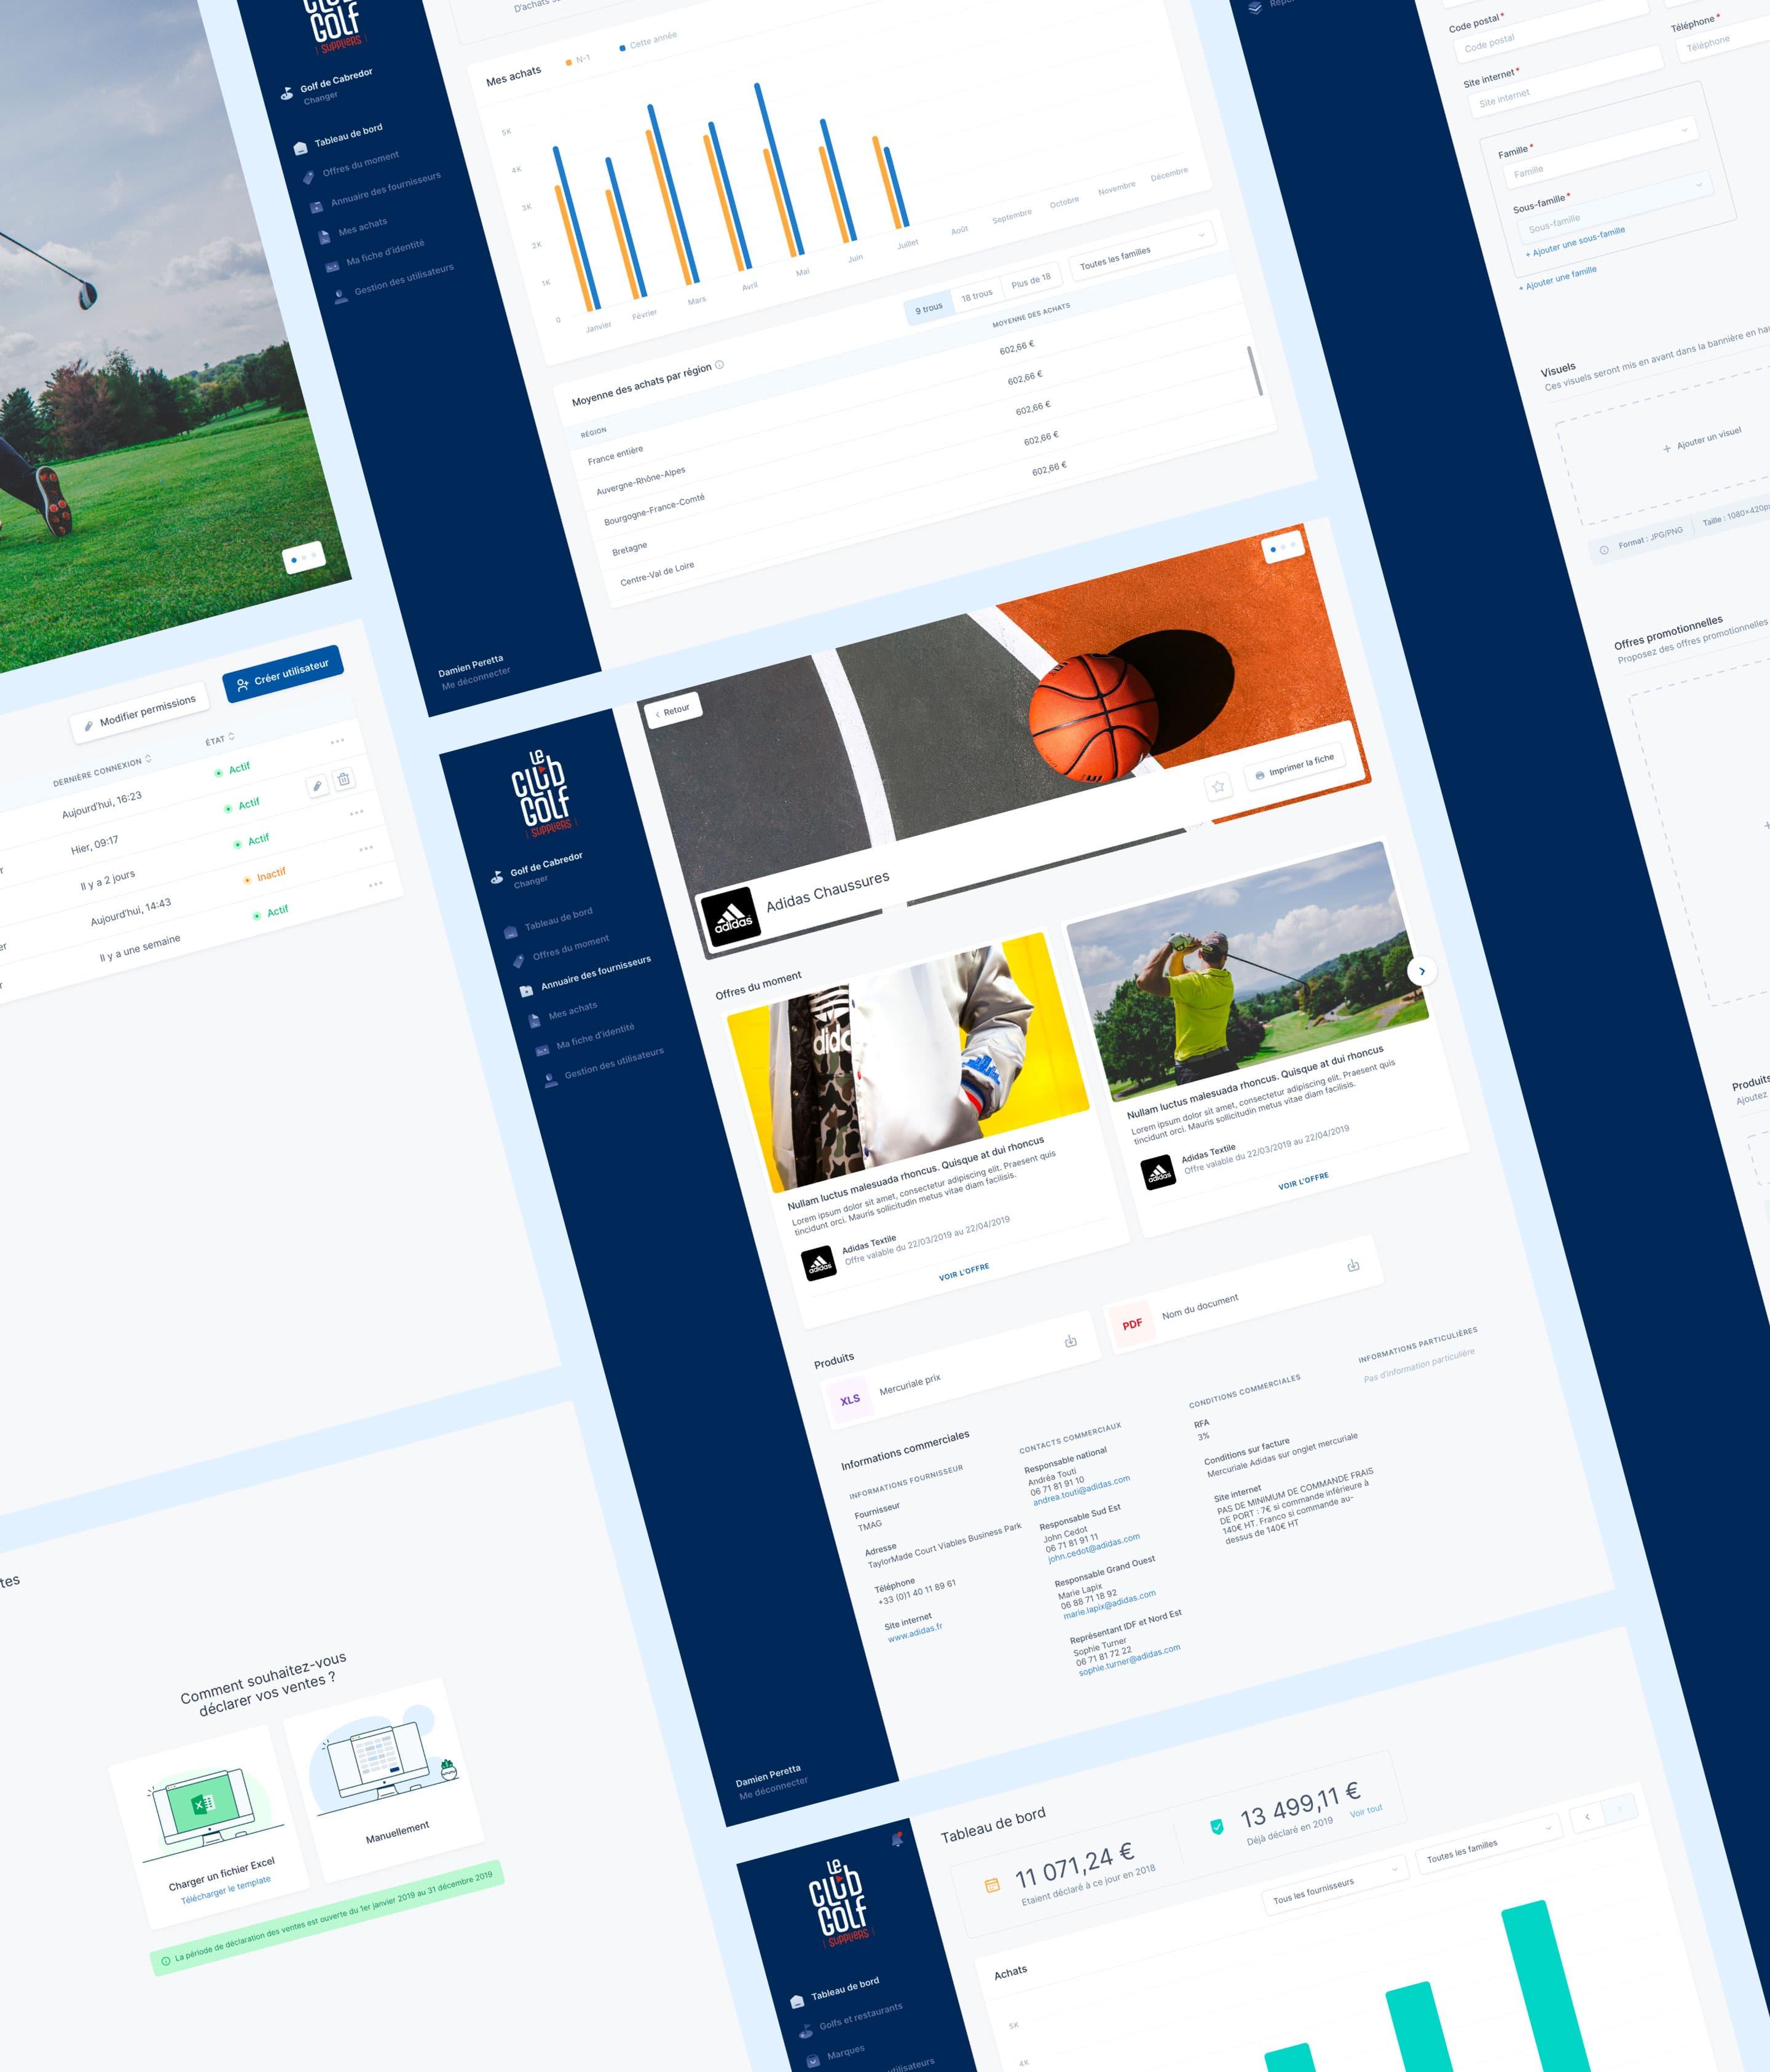 Le Club Golf Suppliers - Screenshots interface